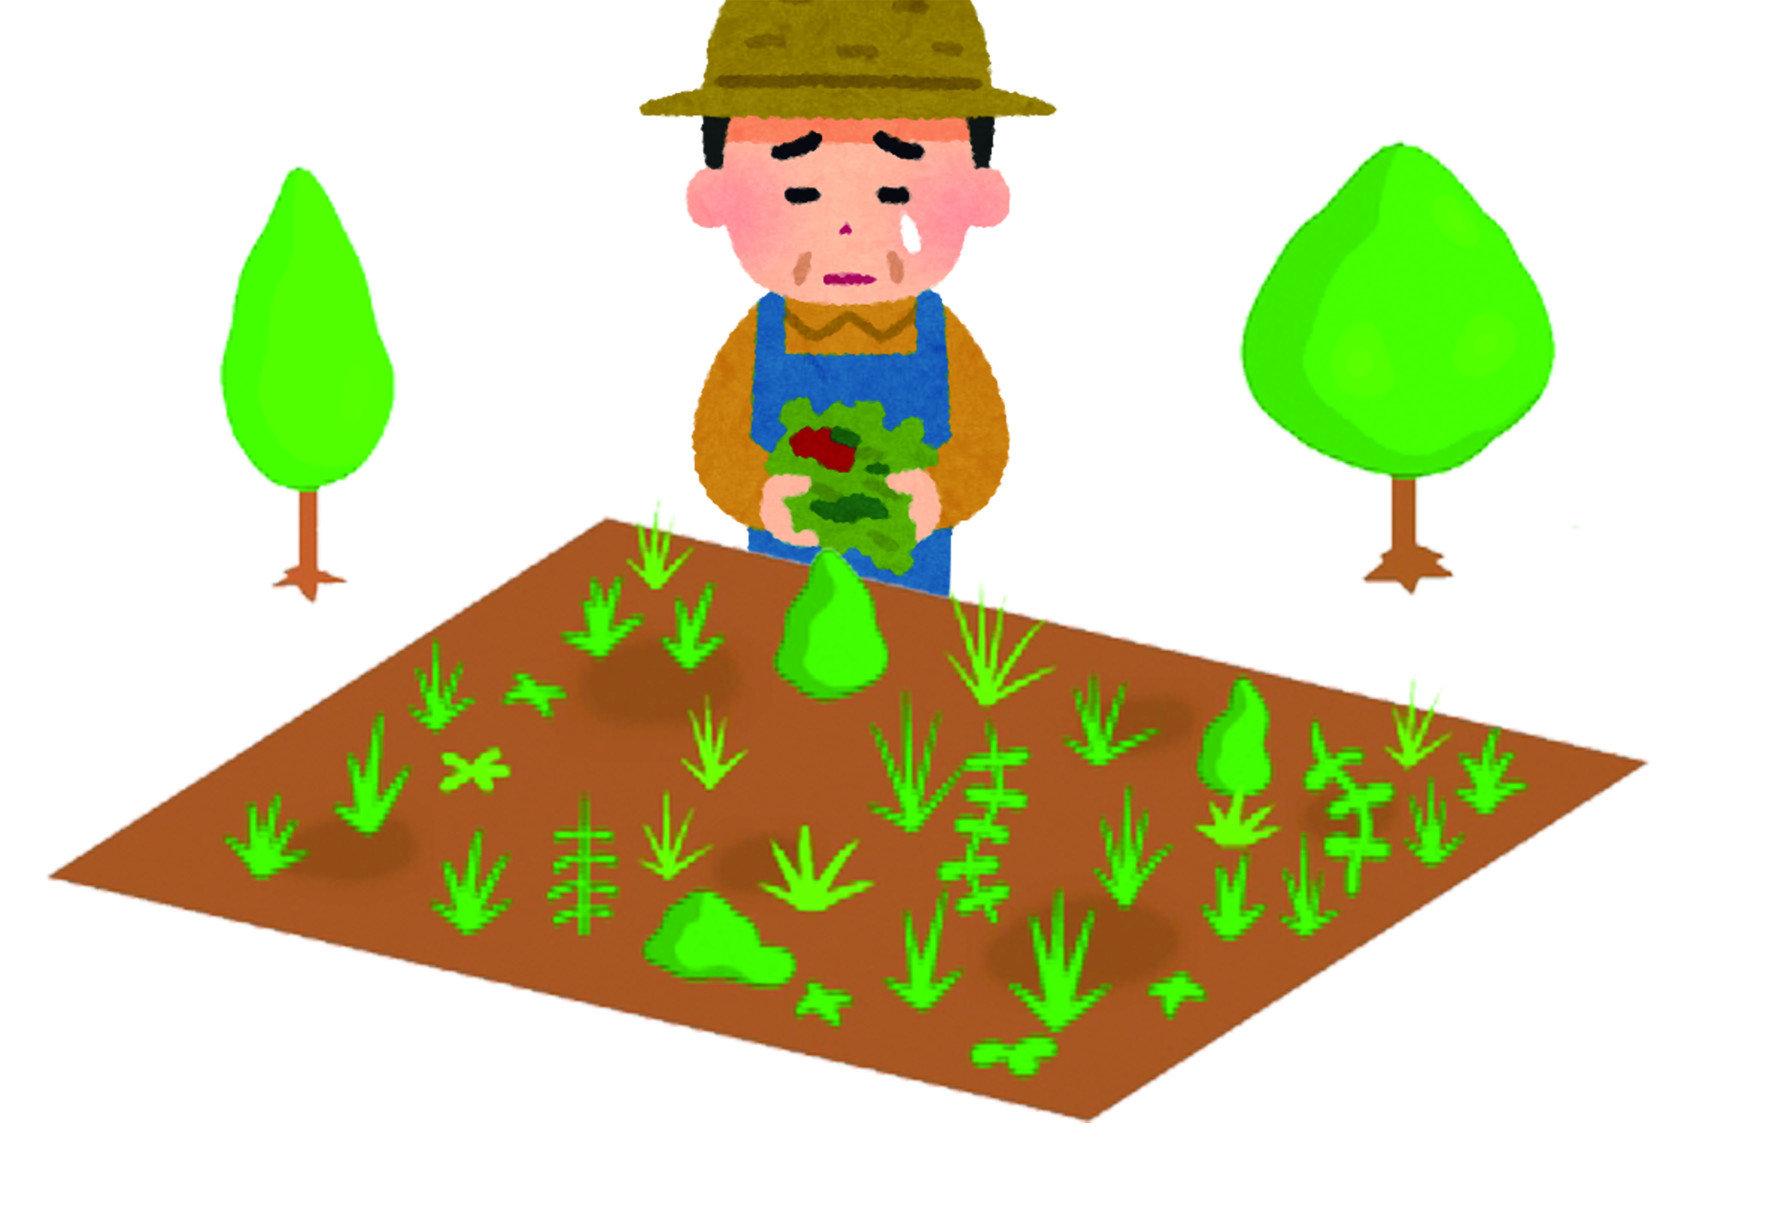 【除介殼蟲】植物上出現許多毛絨的附著物,討厭的花卉植物天敵「介殼蟲」 !